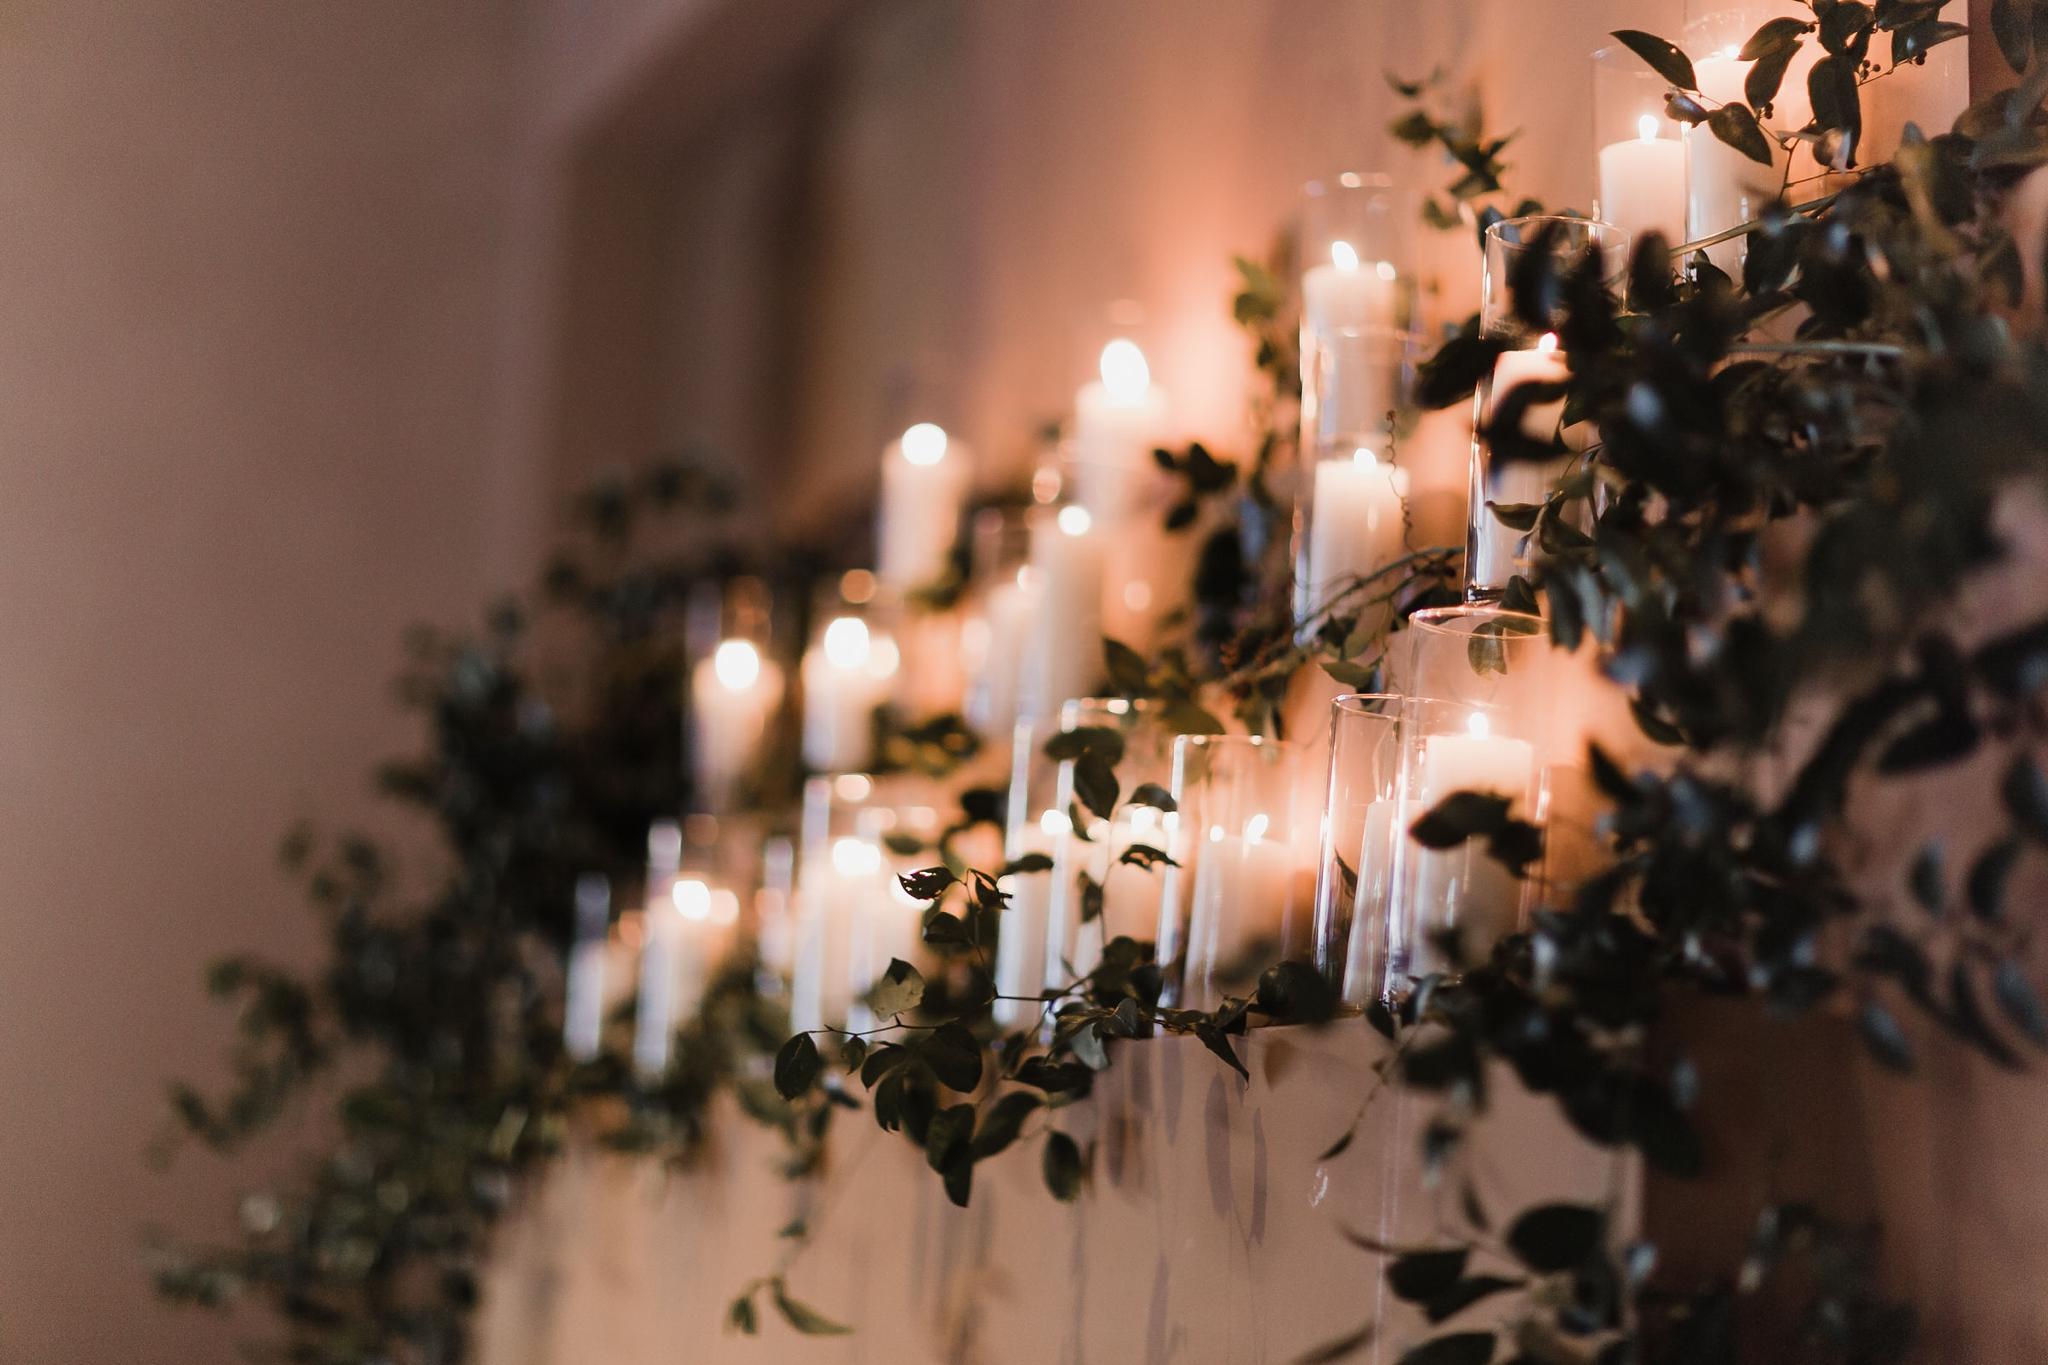 Alicia+lucia+photography+-+albuquerque+wedding+photographer+-+santa+fe+wedding+photography+-+new+mexico+wedding+photographer+-+new+mexico+wedding+-+wedding+-+winter+wedding+-+wedding+reception+-+winter+wedding+reception_0016.jpg